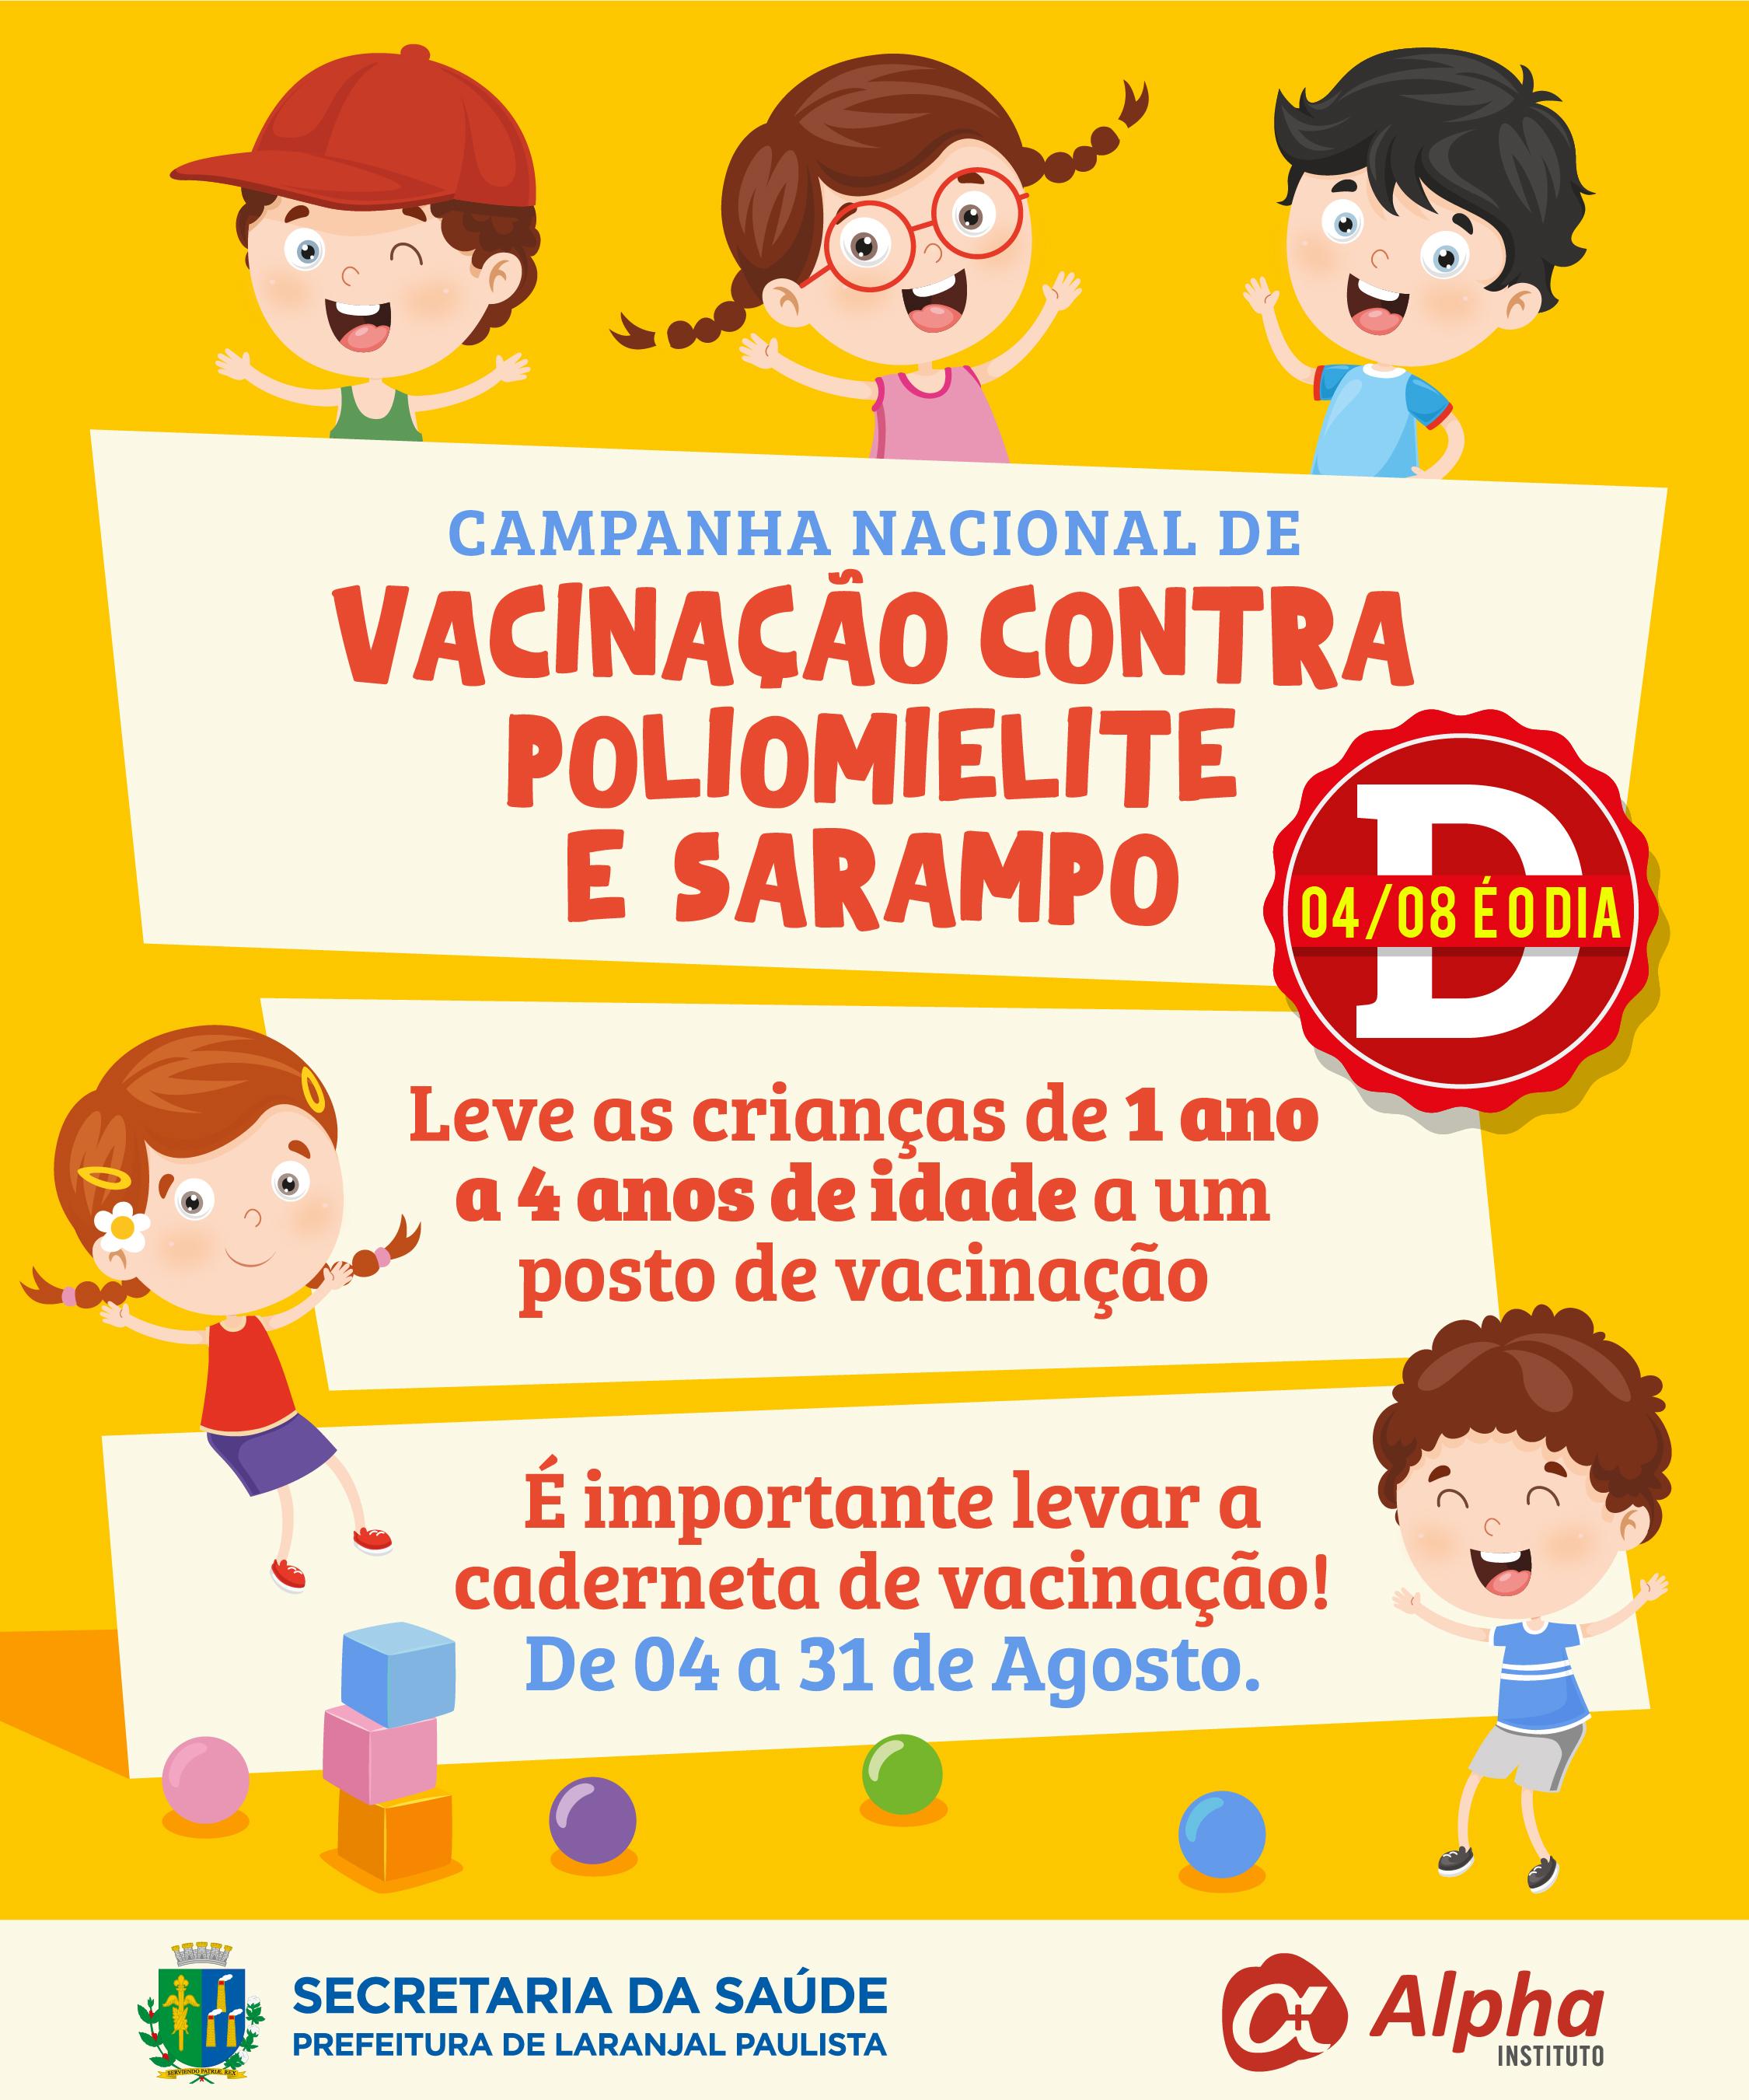 Campanha de Vacinação contra Poliomielite e Sarampo 2018